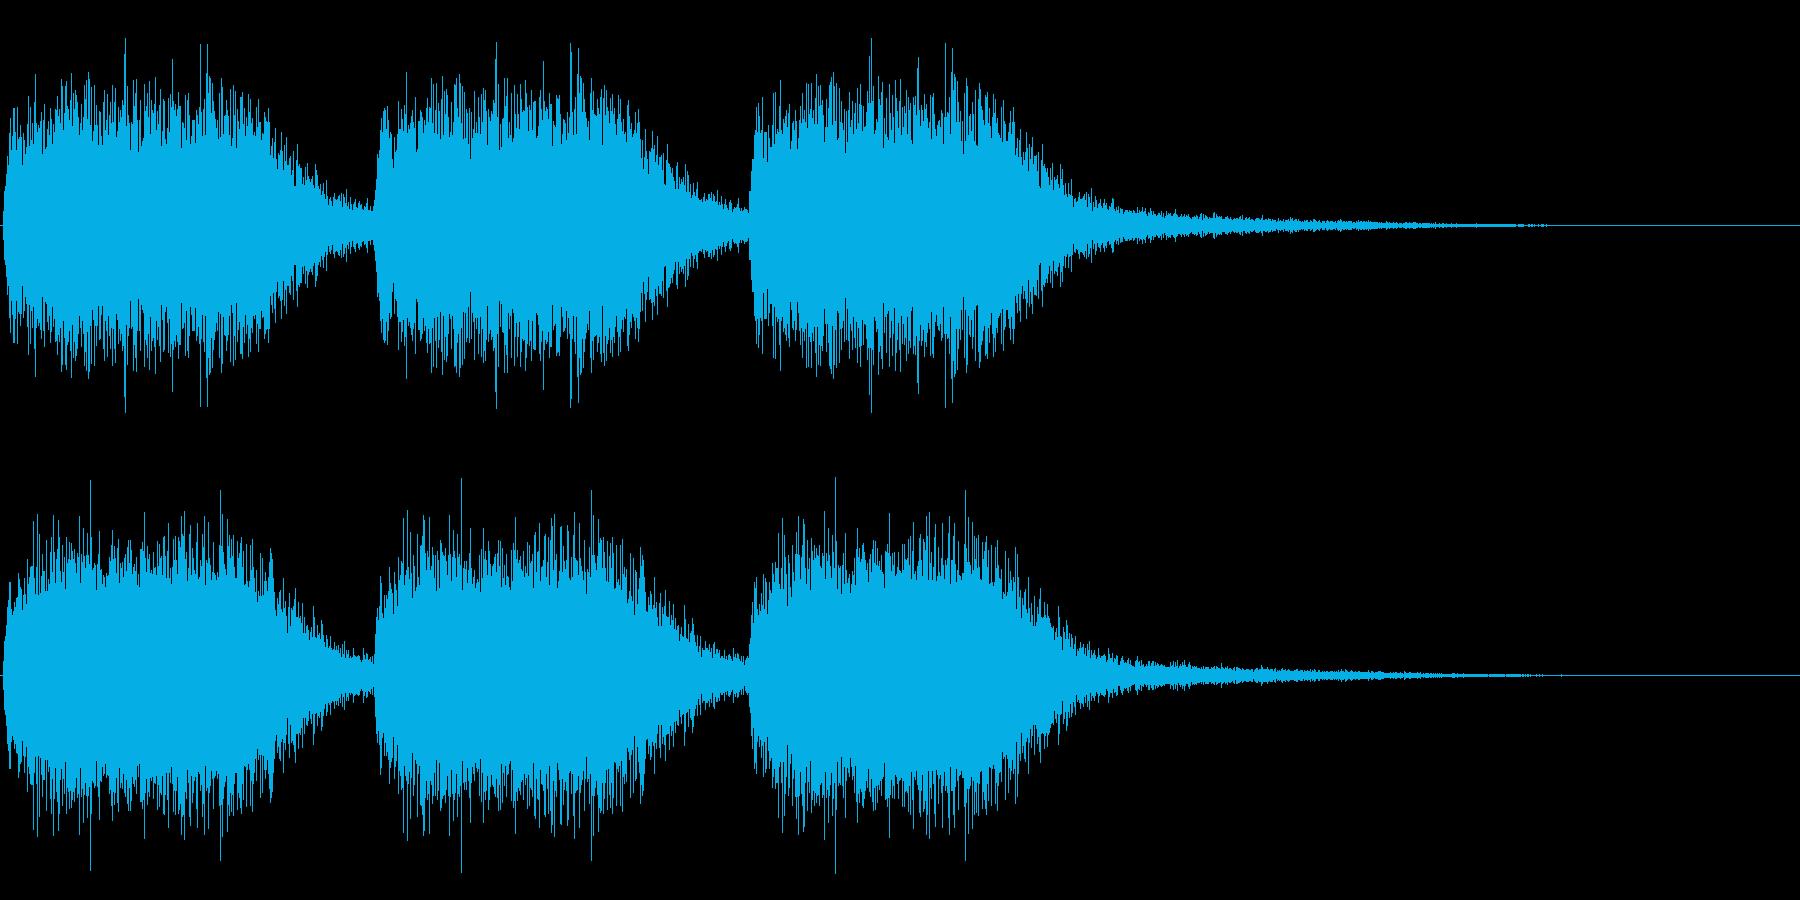 注意、警告音、警報の効果音です!07の再生済みの波形